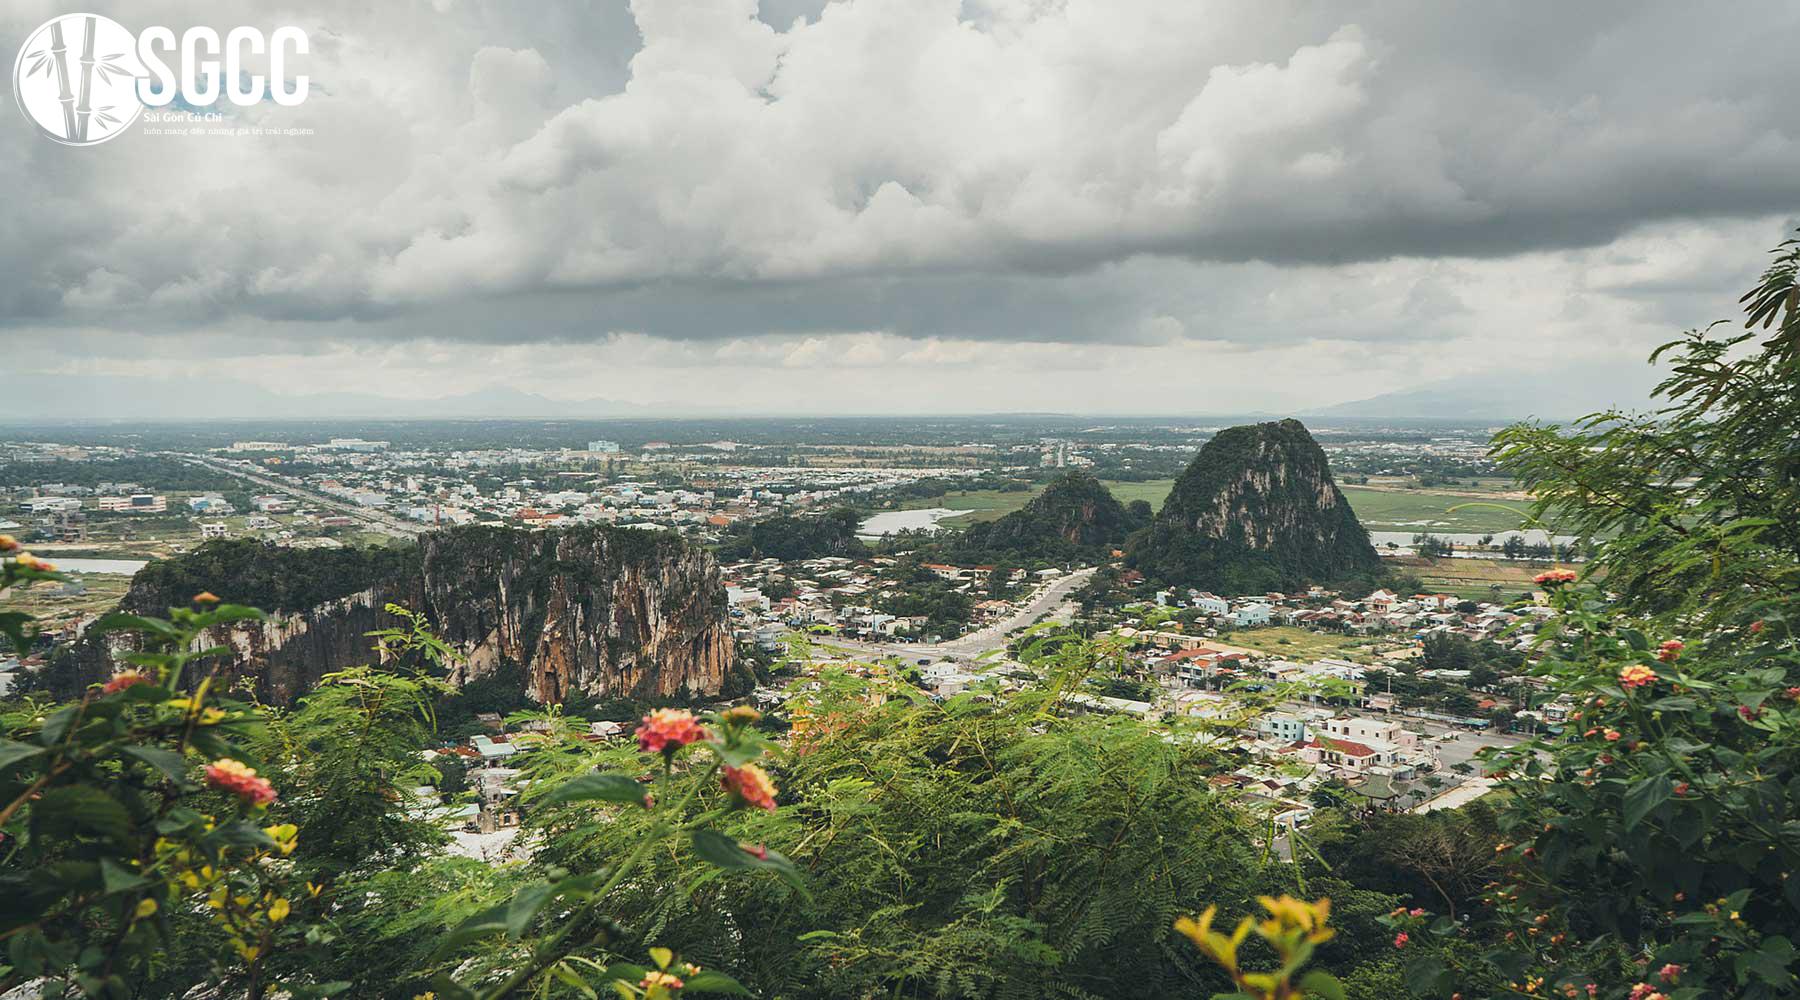 Du lịch Sài Gòn - Đà Nẵng - Bà Nà